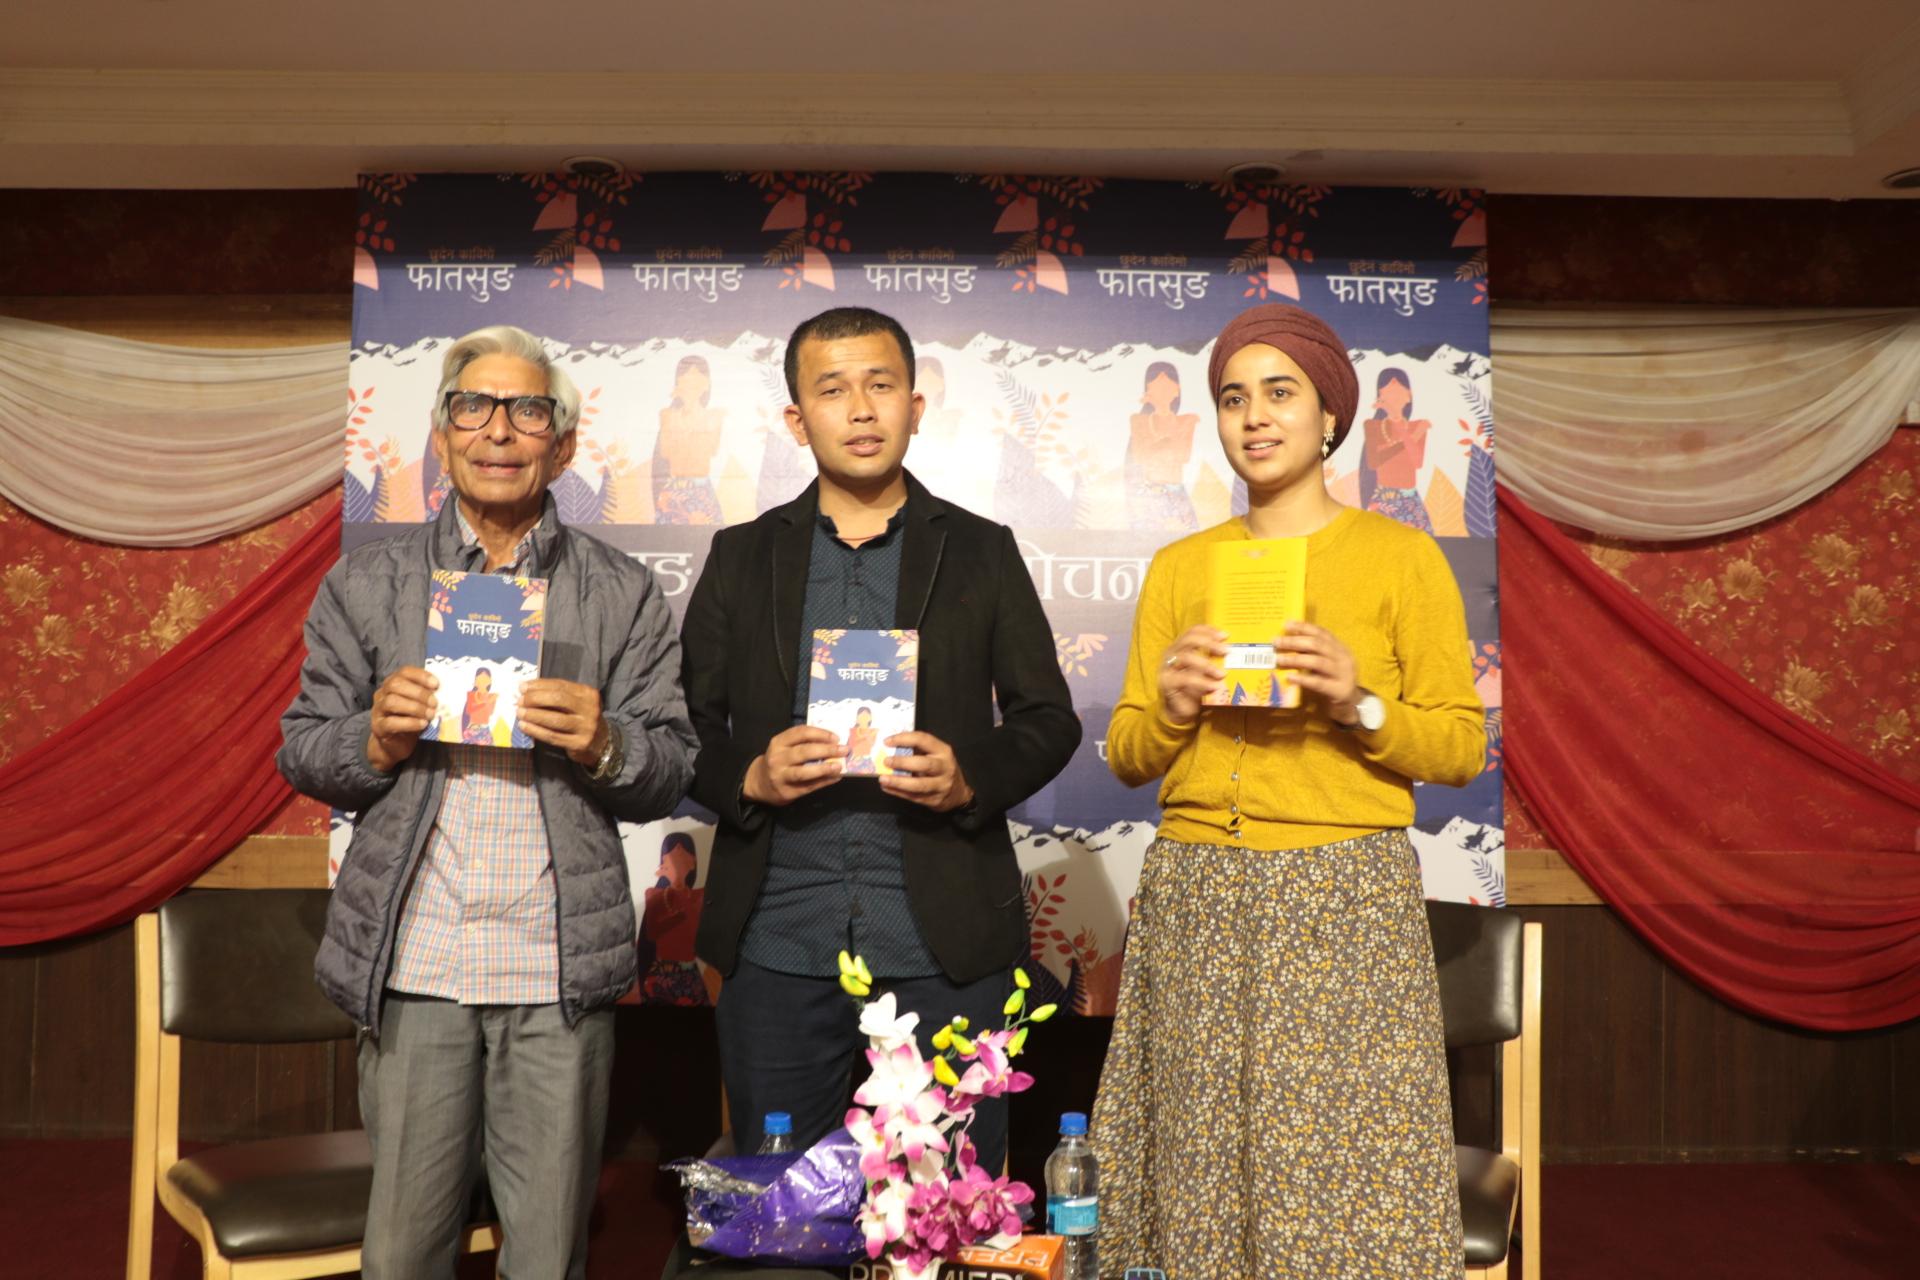 'फातसुङ' अर्थात् माटोको कथा अब उपन्यासमा